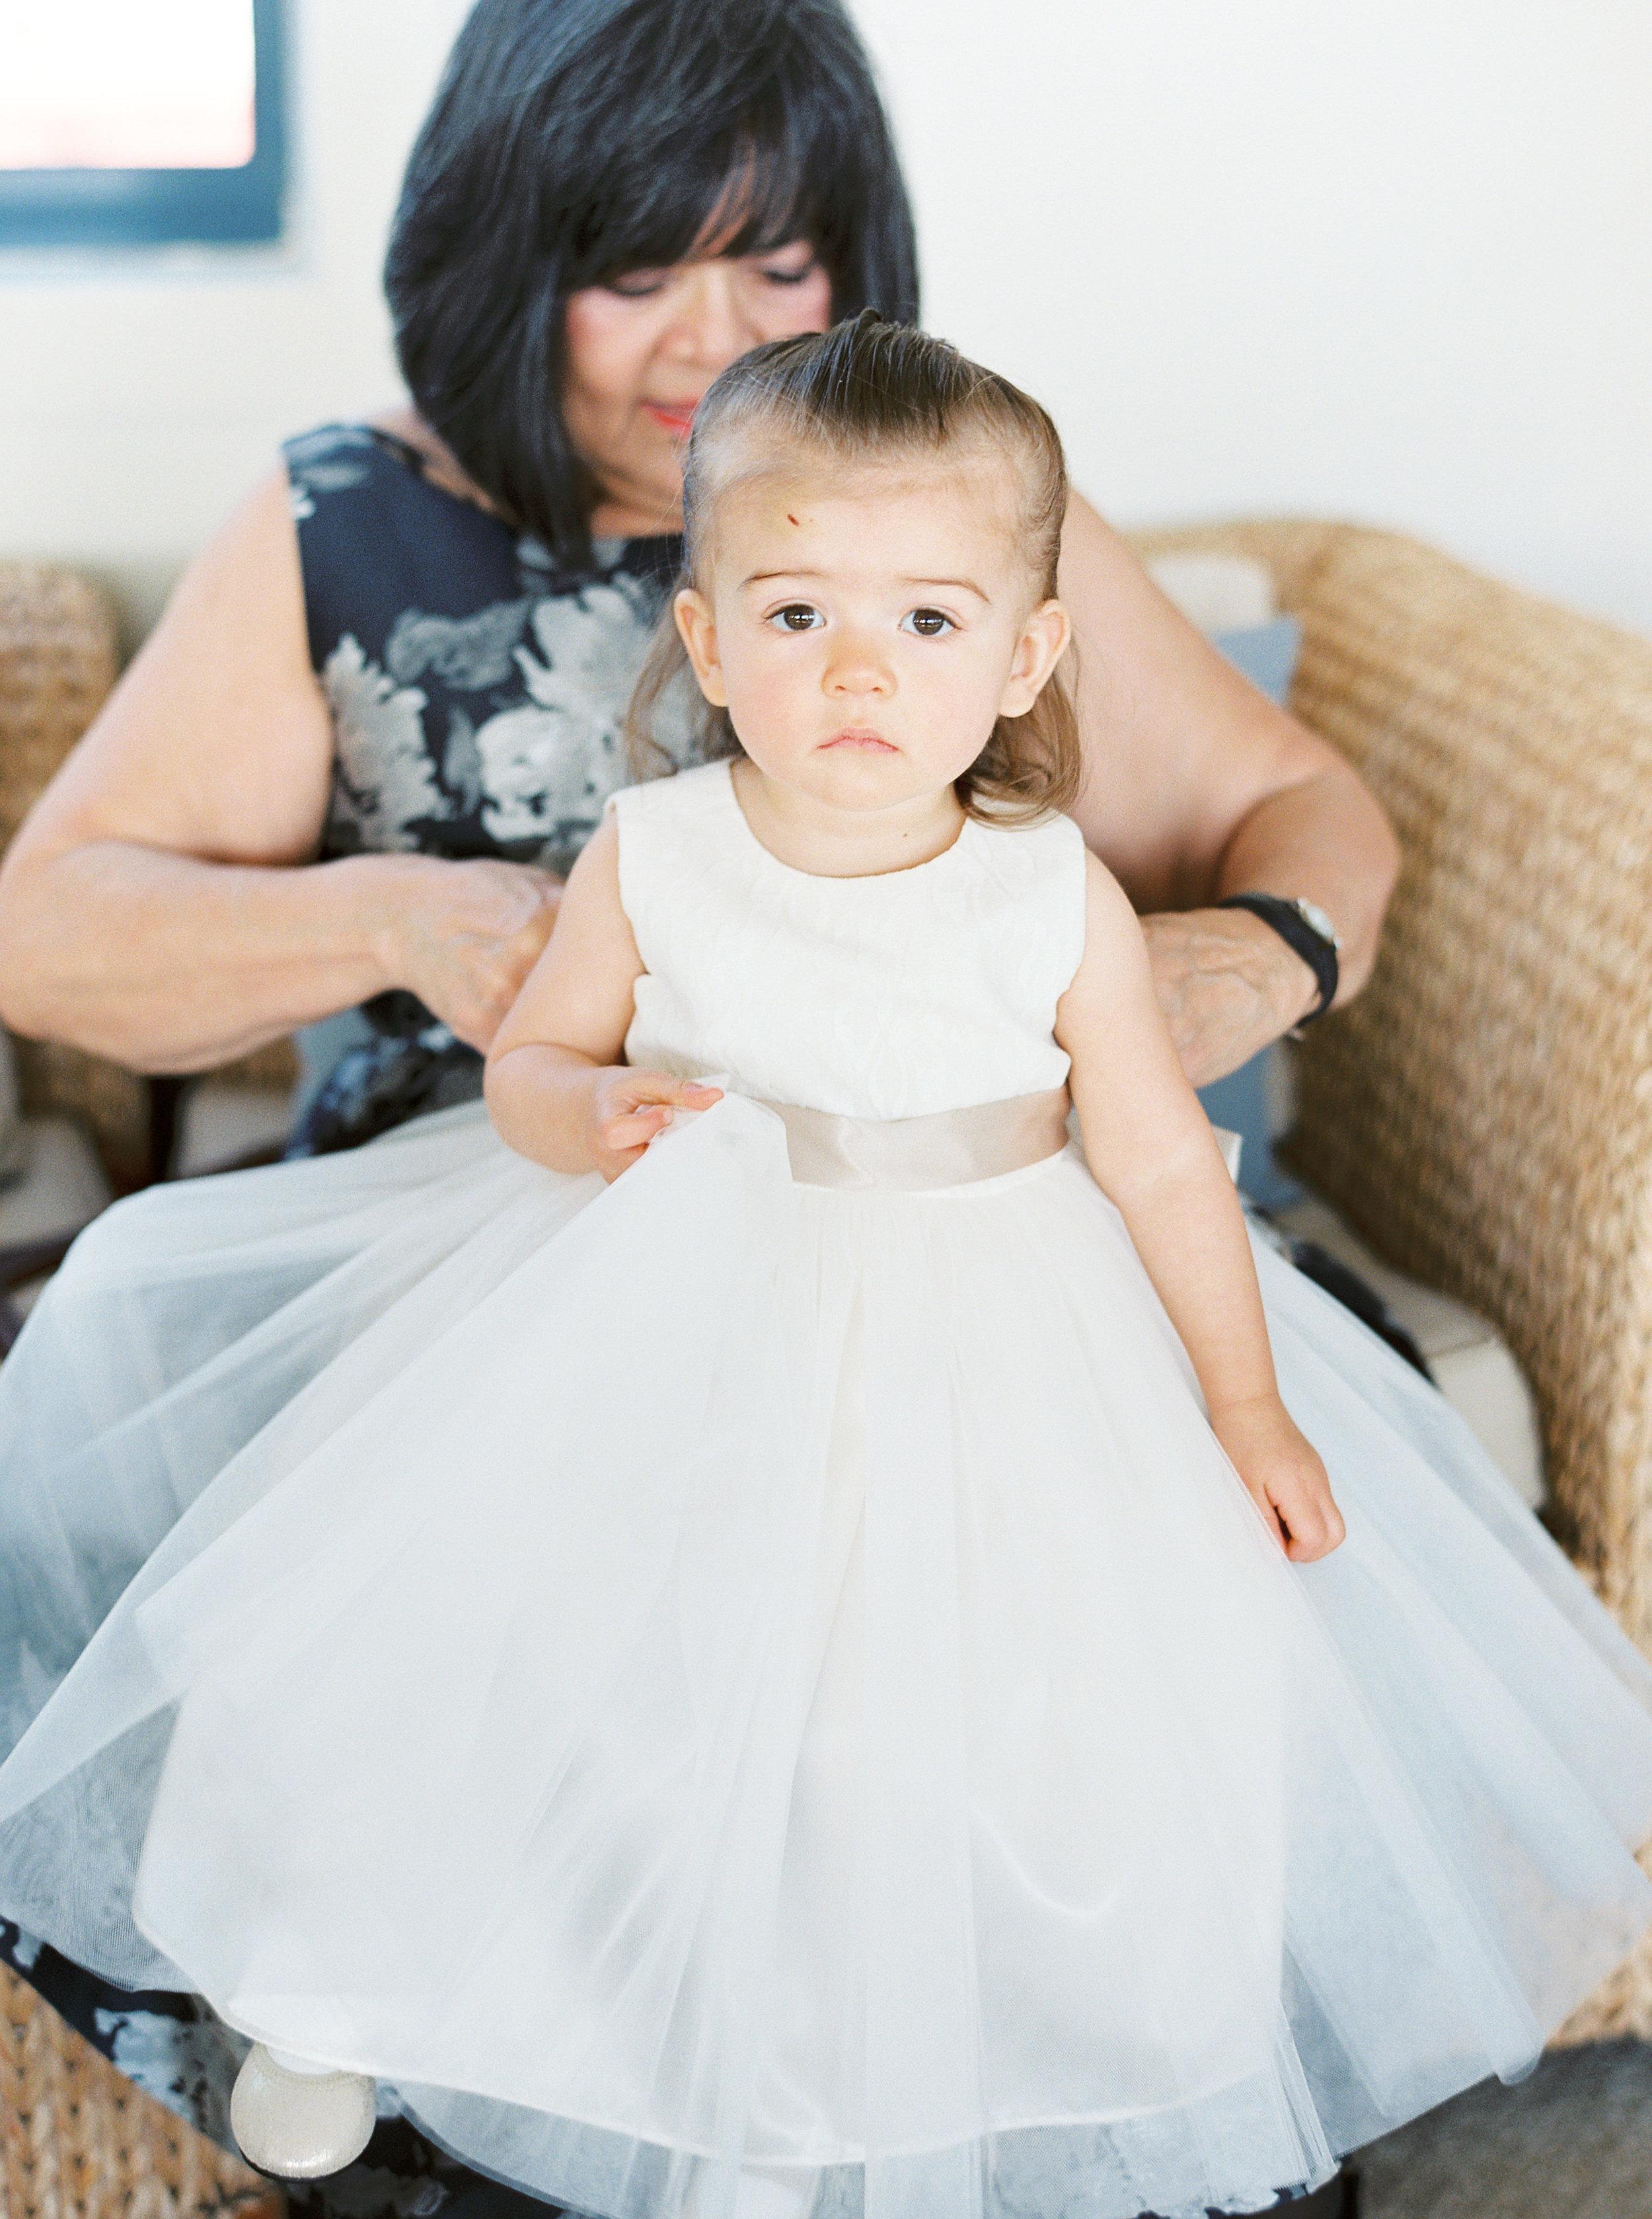 Mavericks-event-center-wedding-in-half-moon-bay-california462.jpg